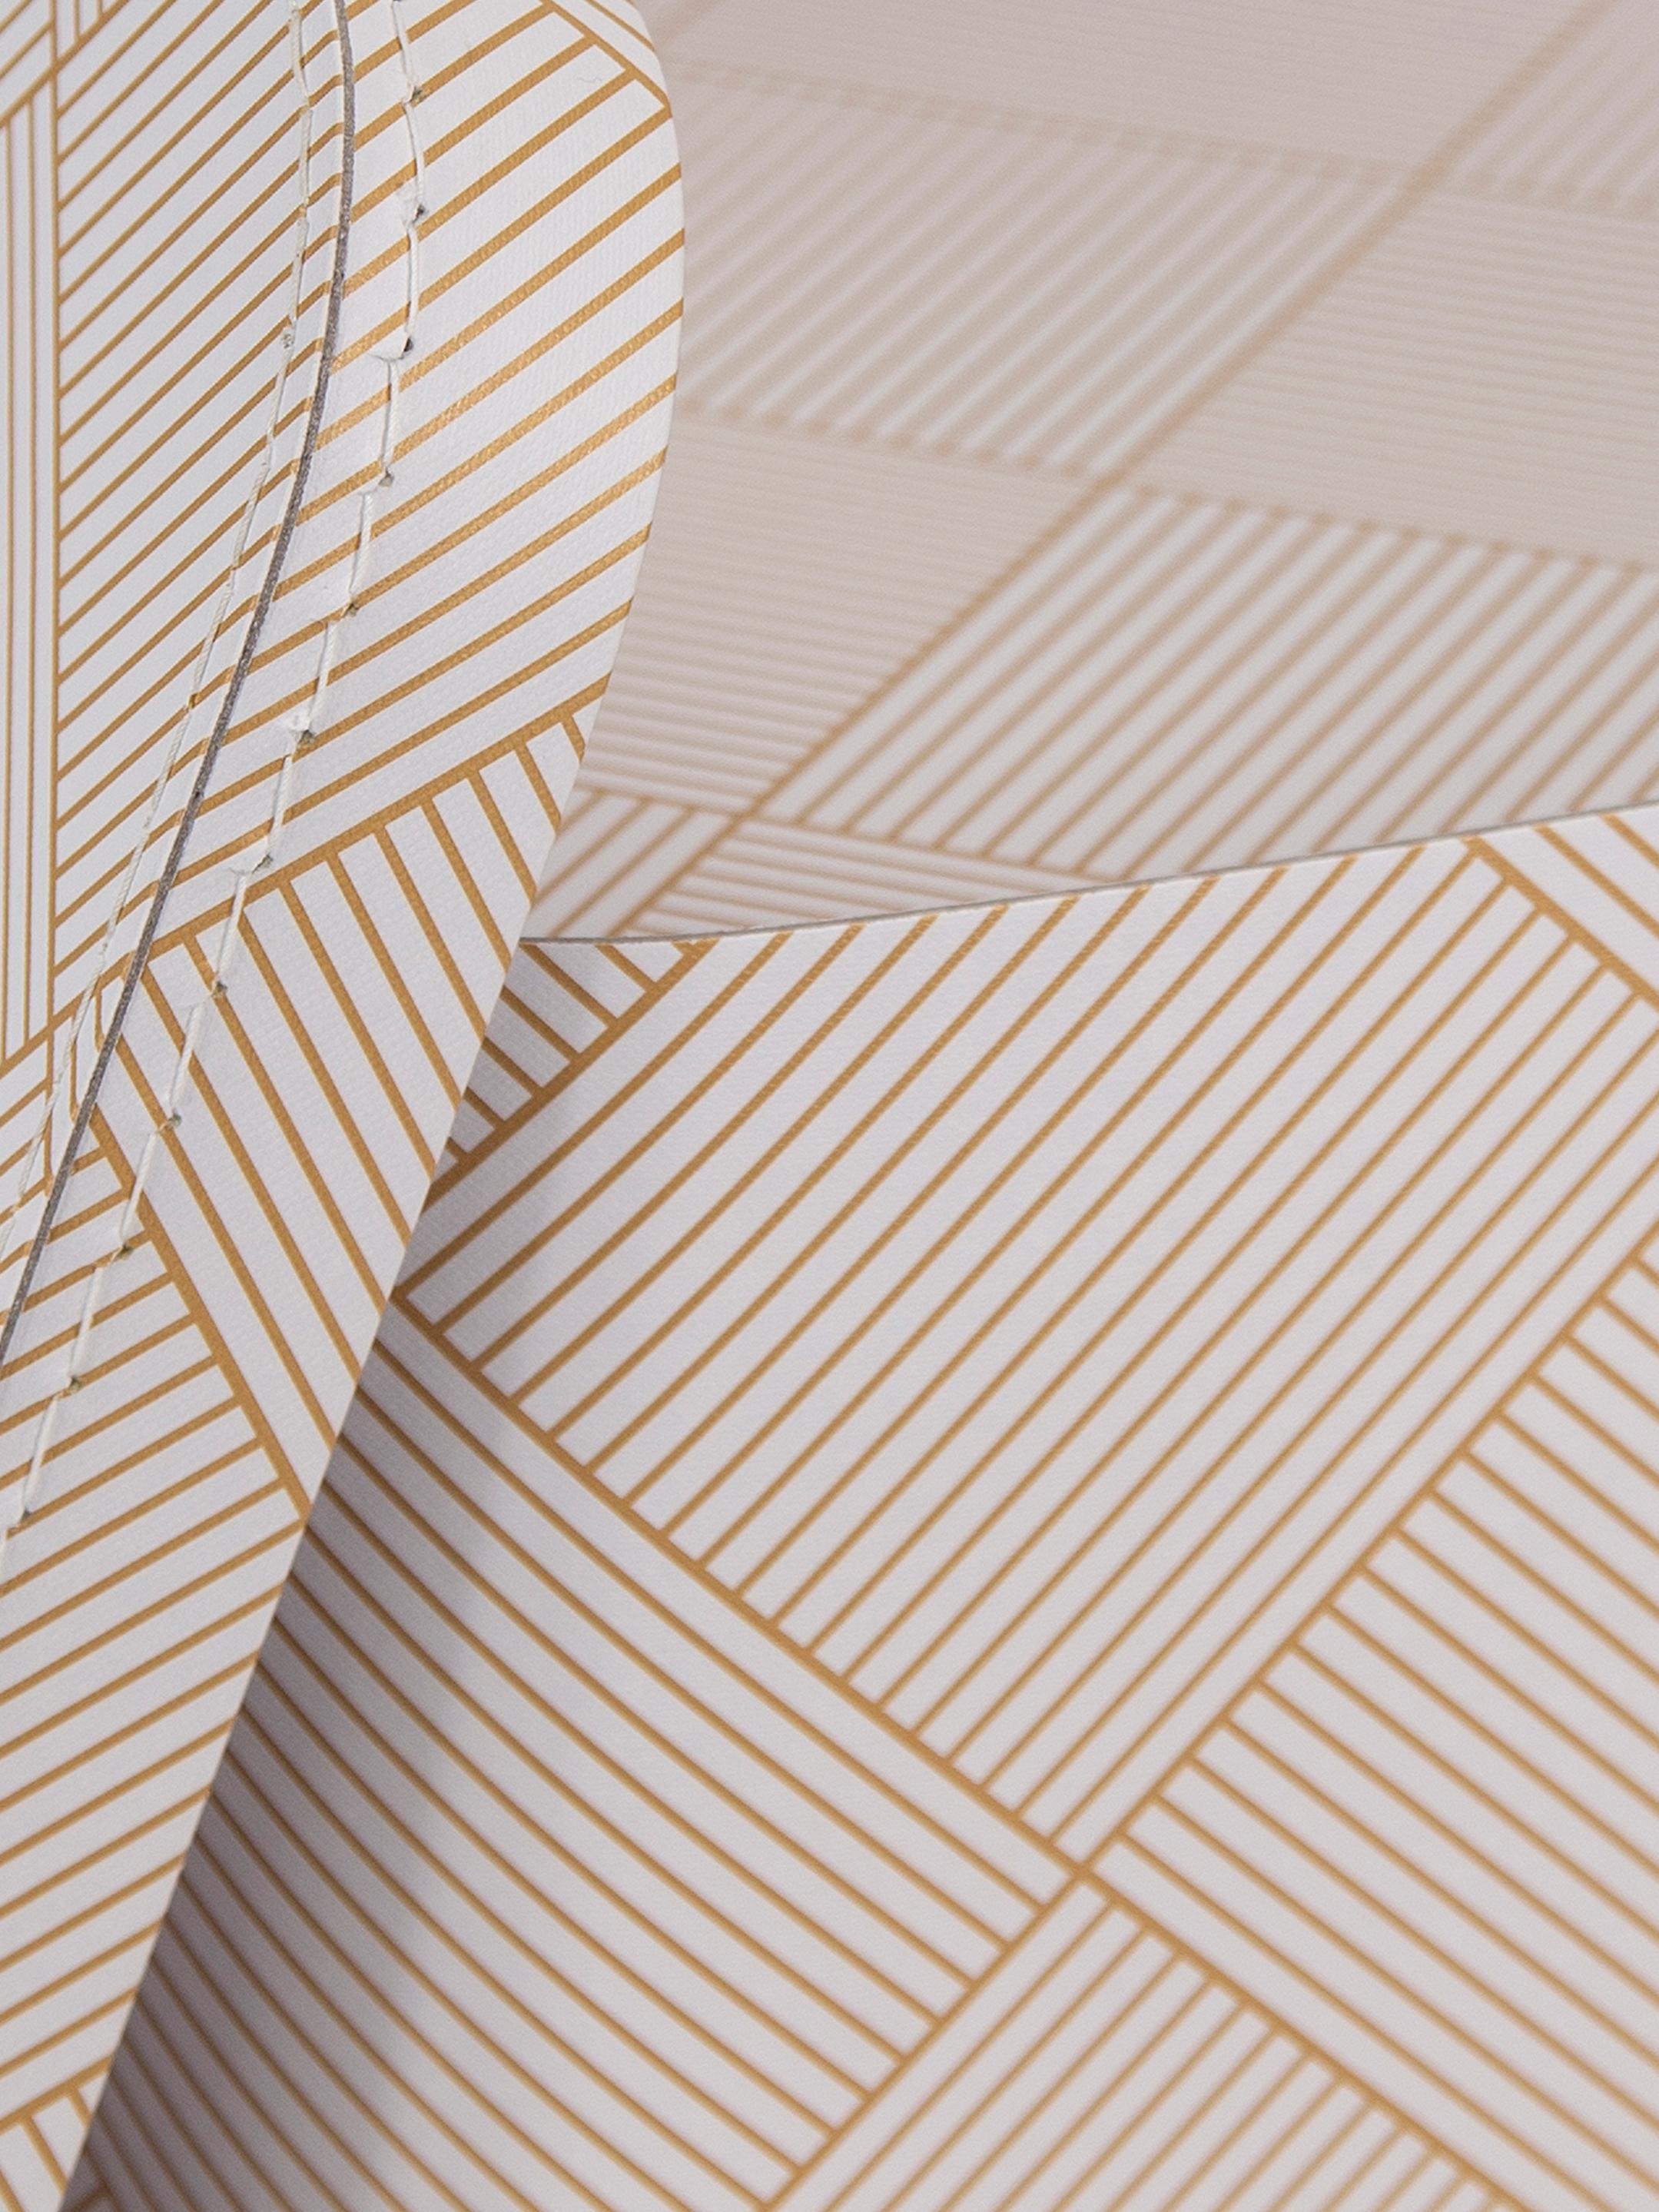 Set 2 scatole custodia Ludvig, Solido, cartone laminato, Dorato, bianco, Set in varie misure